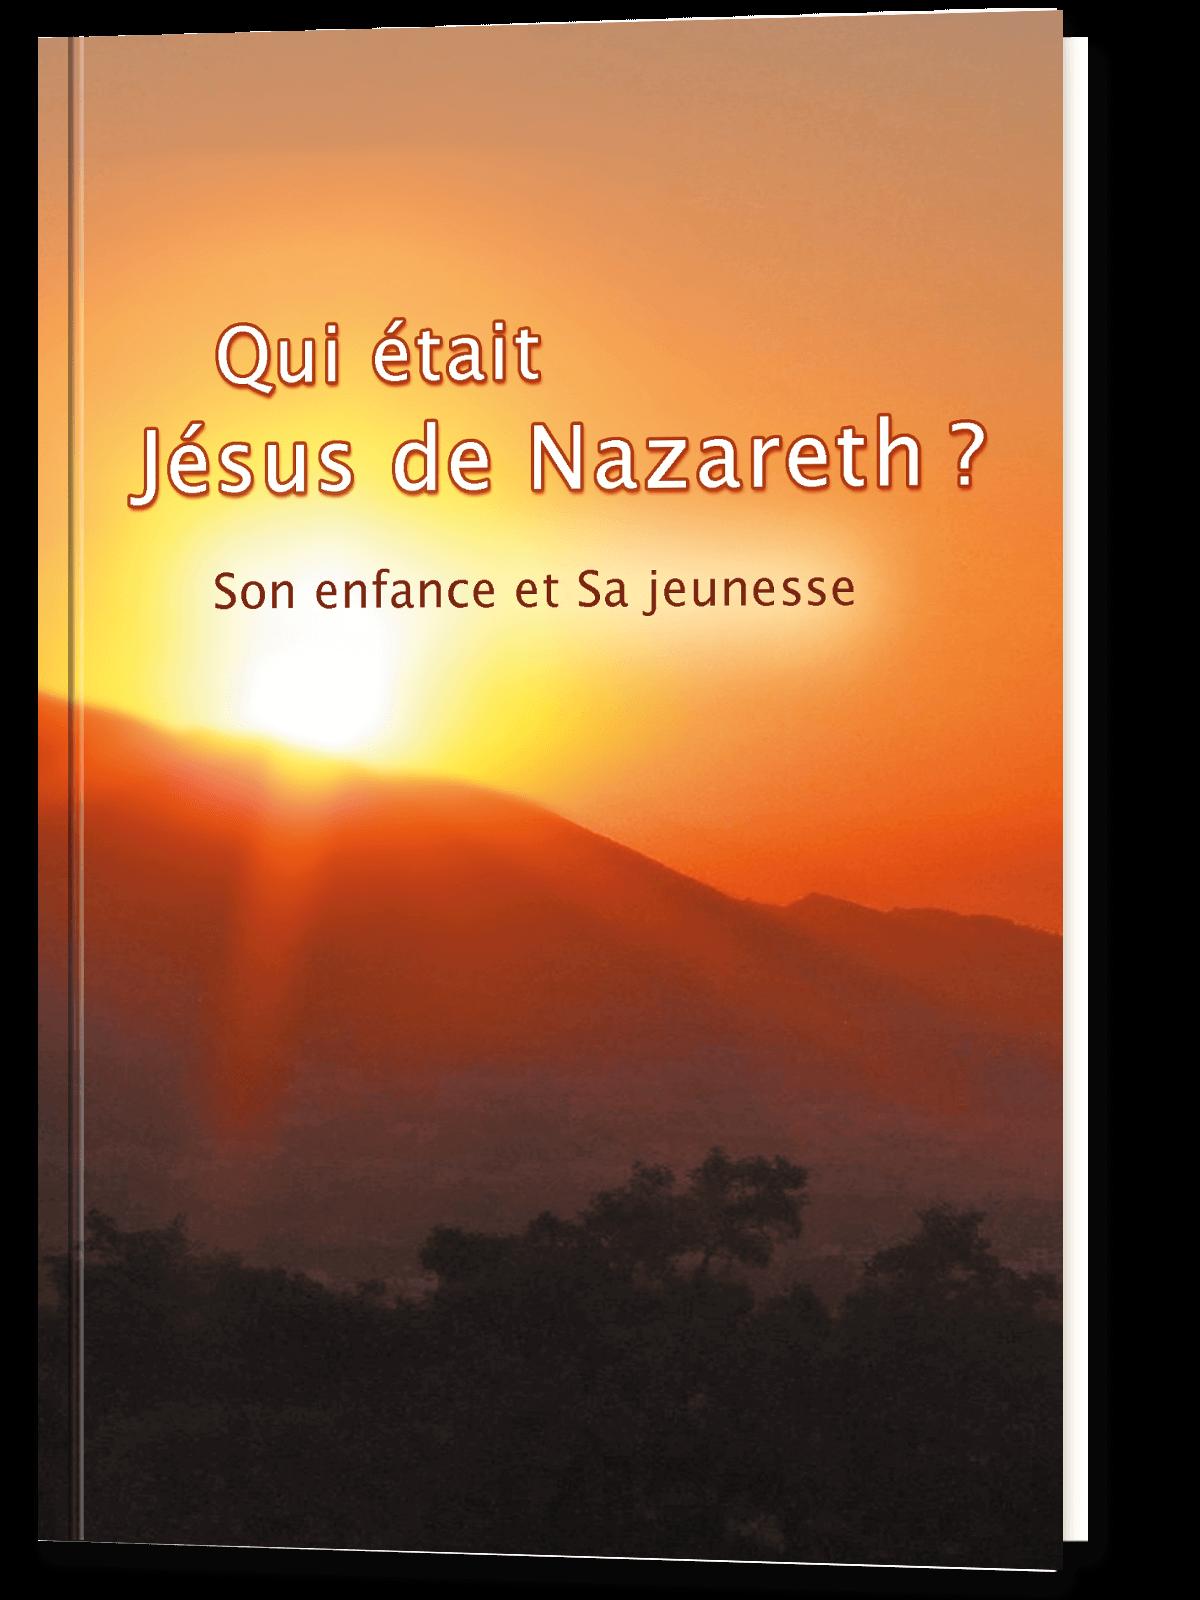 Qui était Jésus de Nazareth ?